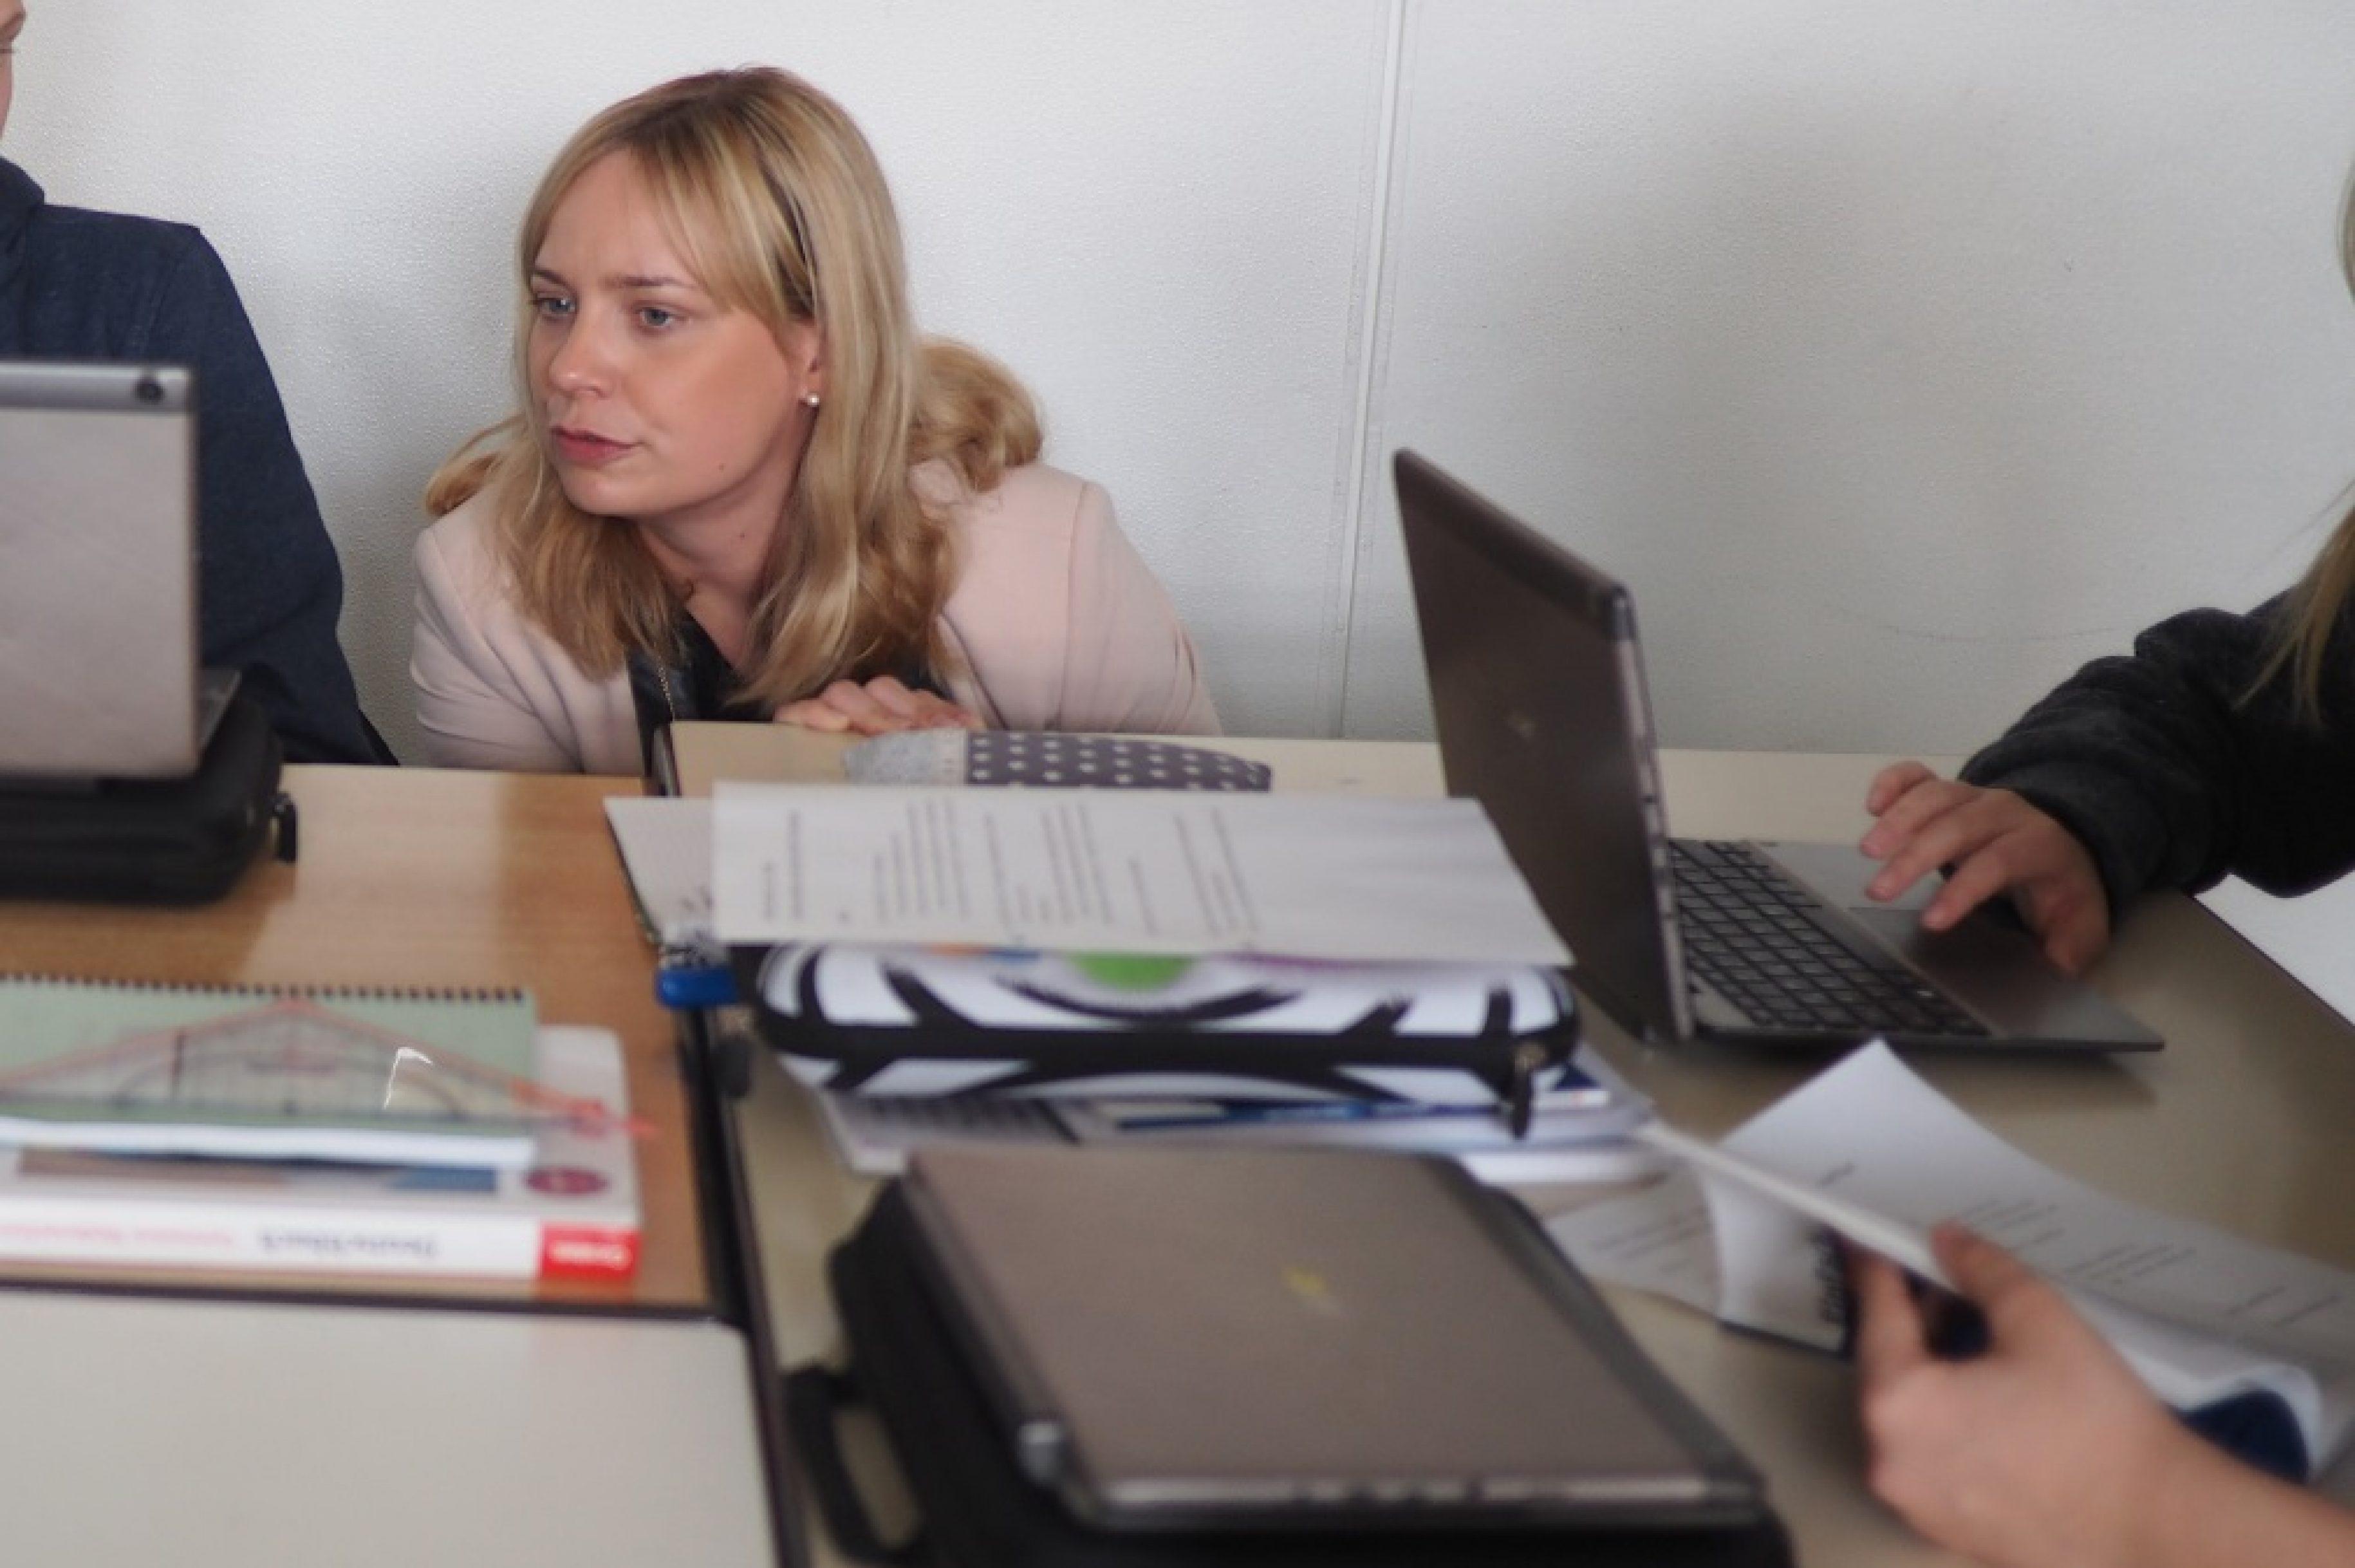 Marja-Liisa Völlers besucht digitalen Unterricht am Ernestinum Gymnasium in Rinteln